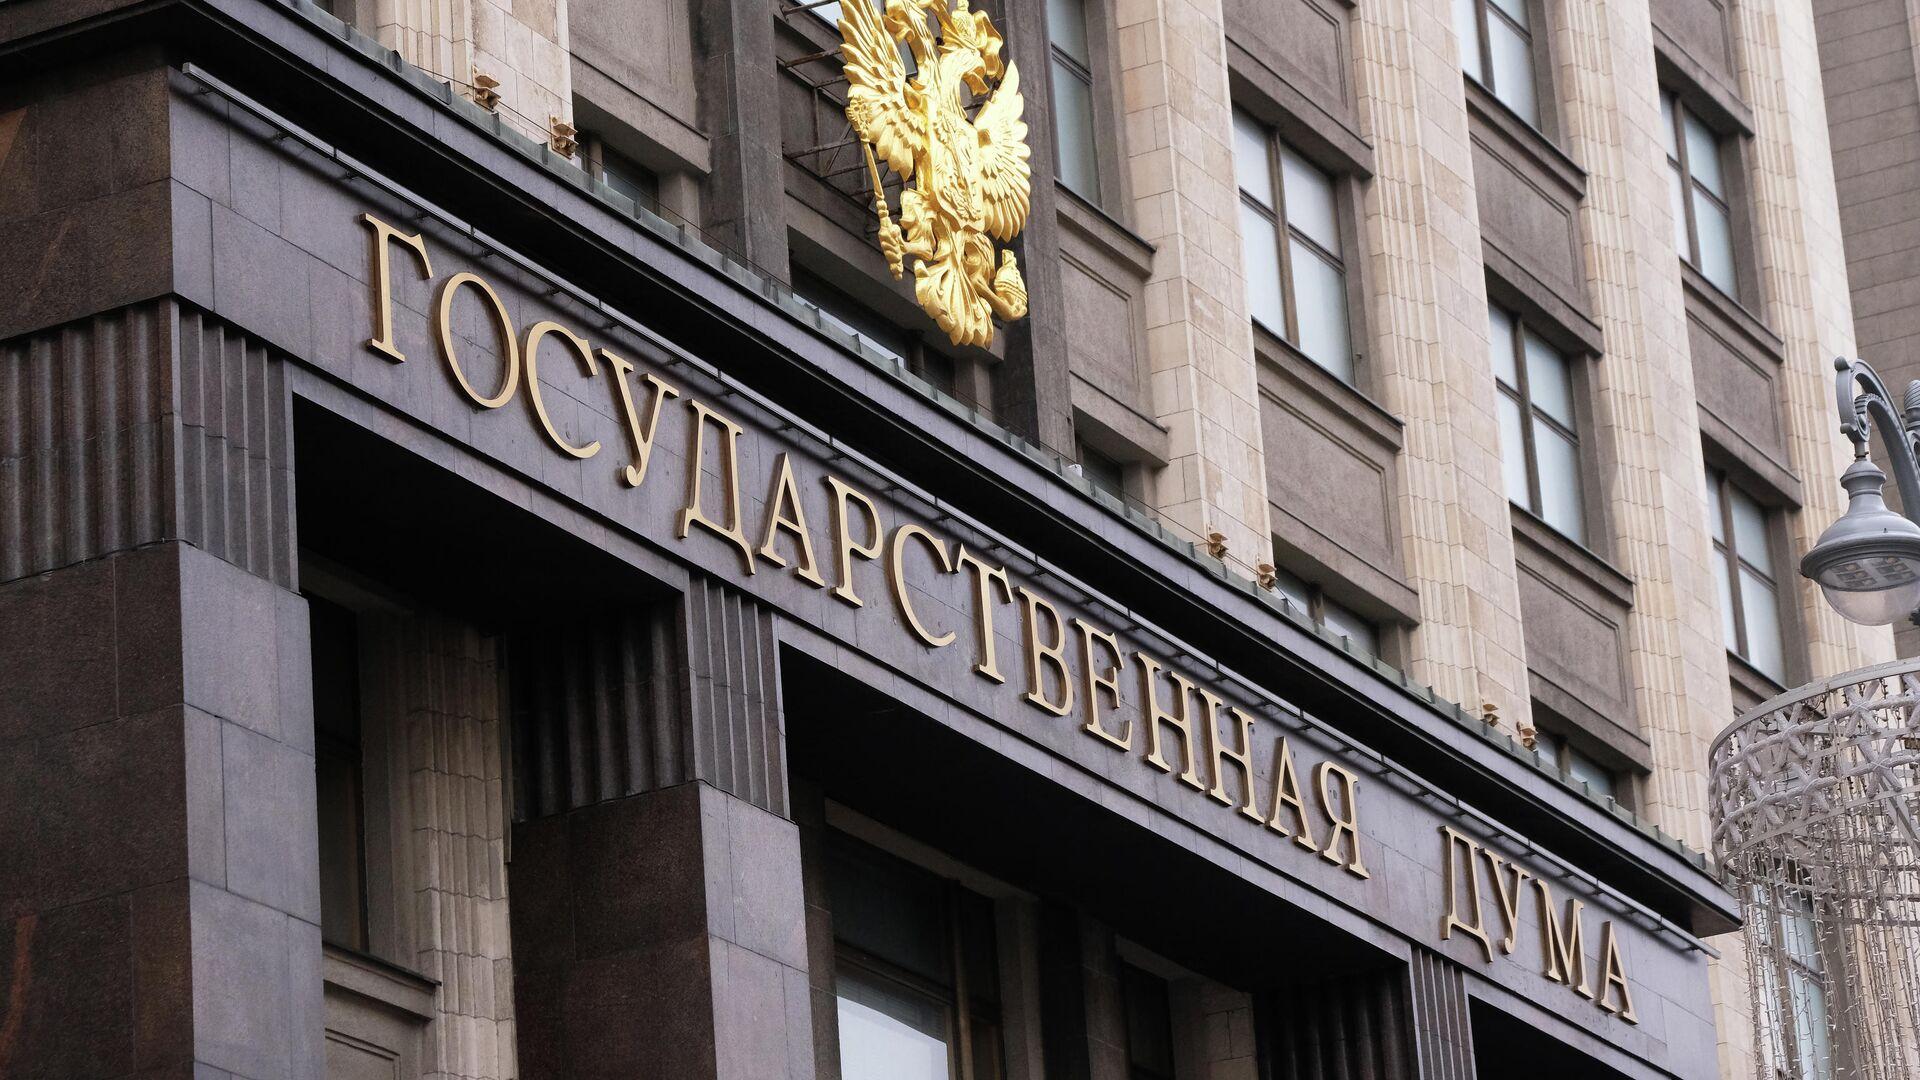 1551919255 0:320:3072:2048 1920x0 80 0 0 05f04e9586581f41aa0d5d8614d6ce19 - Госдума поддержала запрет для членов Совбеза иметь зарубежные счета